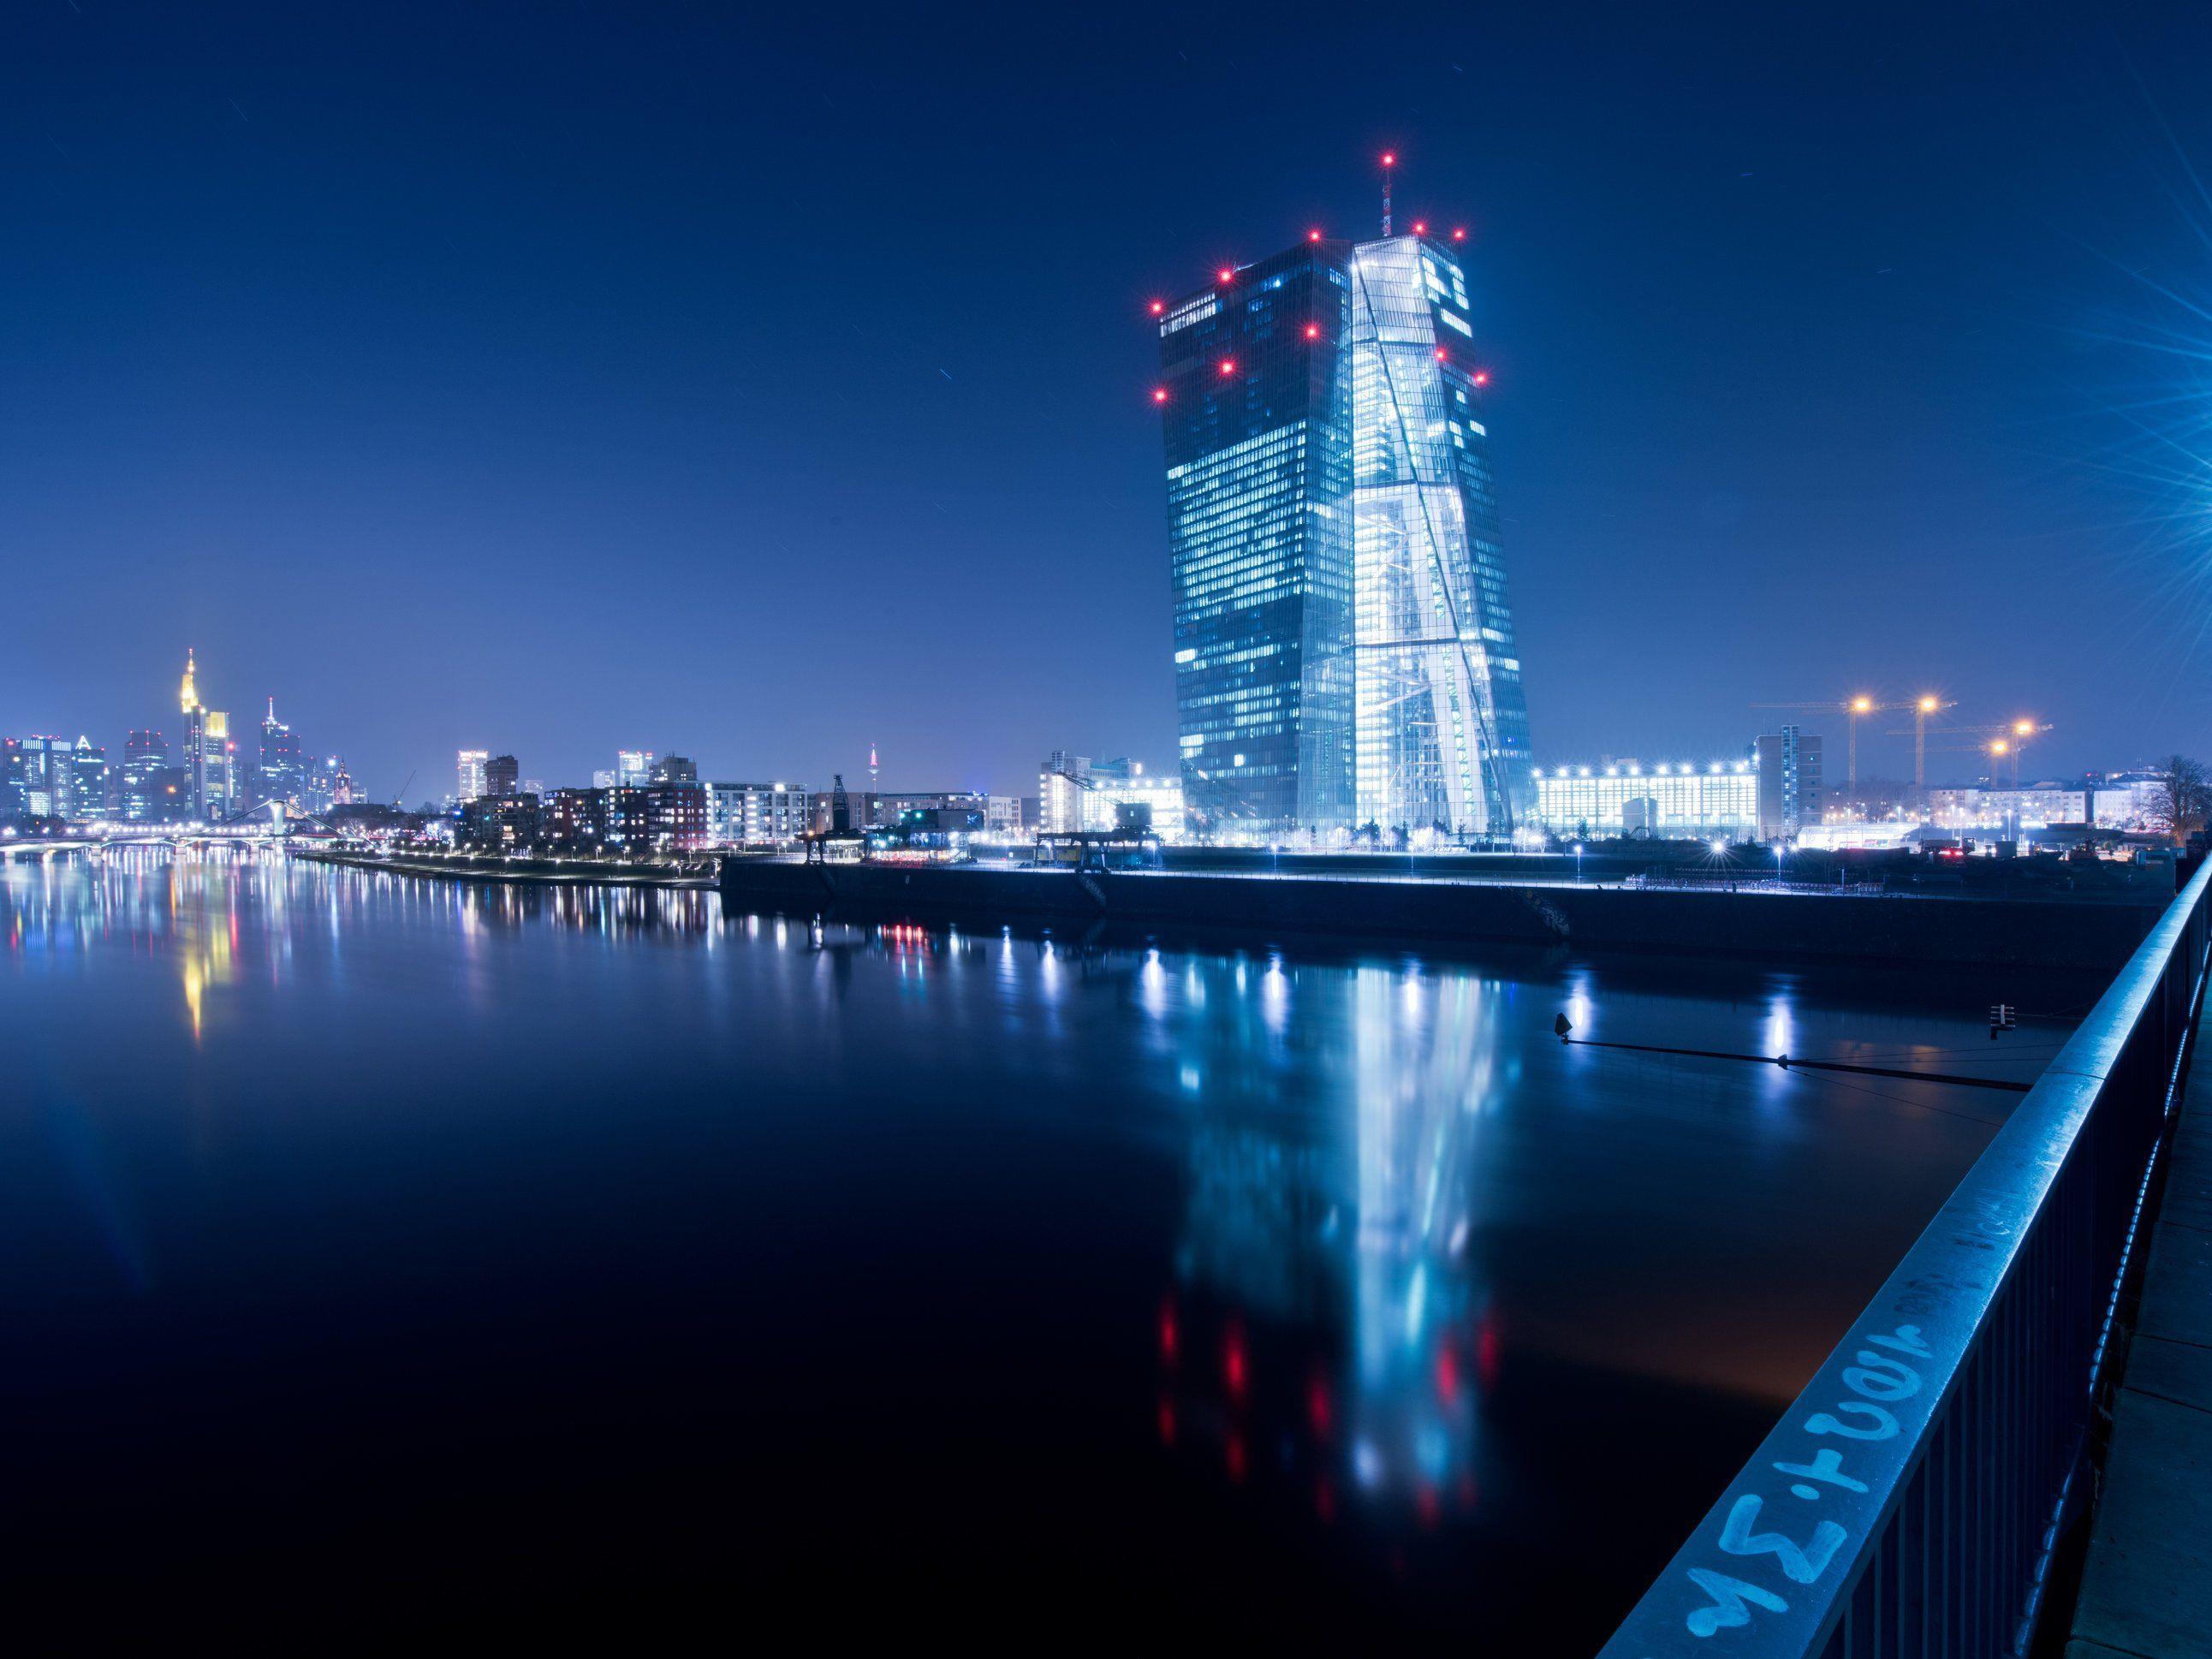 EZB lehnte eine Stellungnahme zu dem Bericht ab.